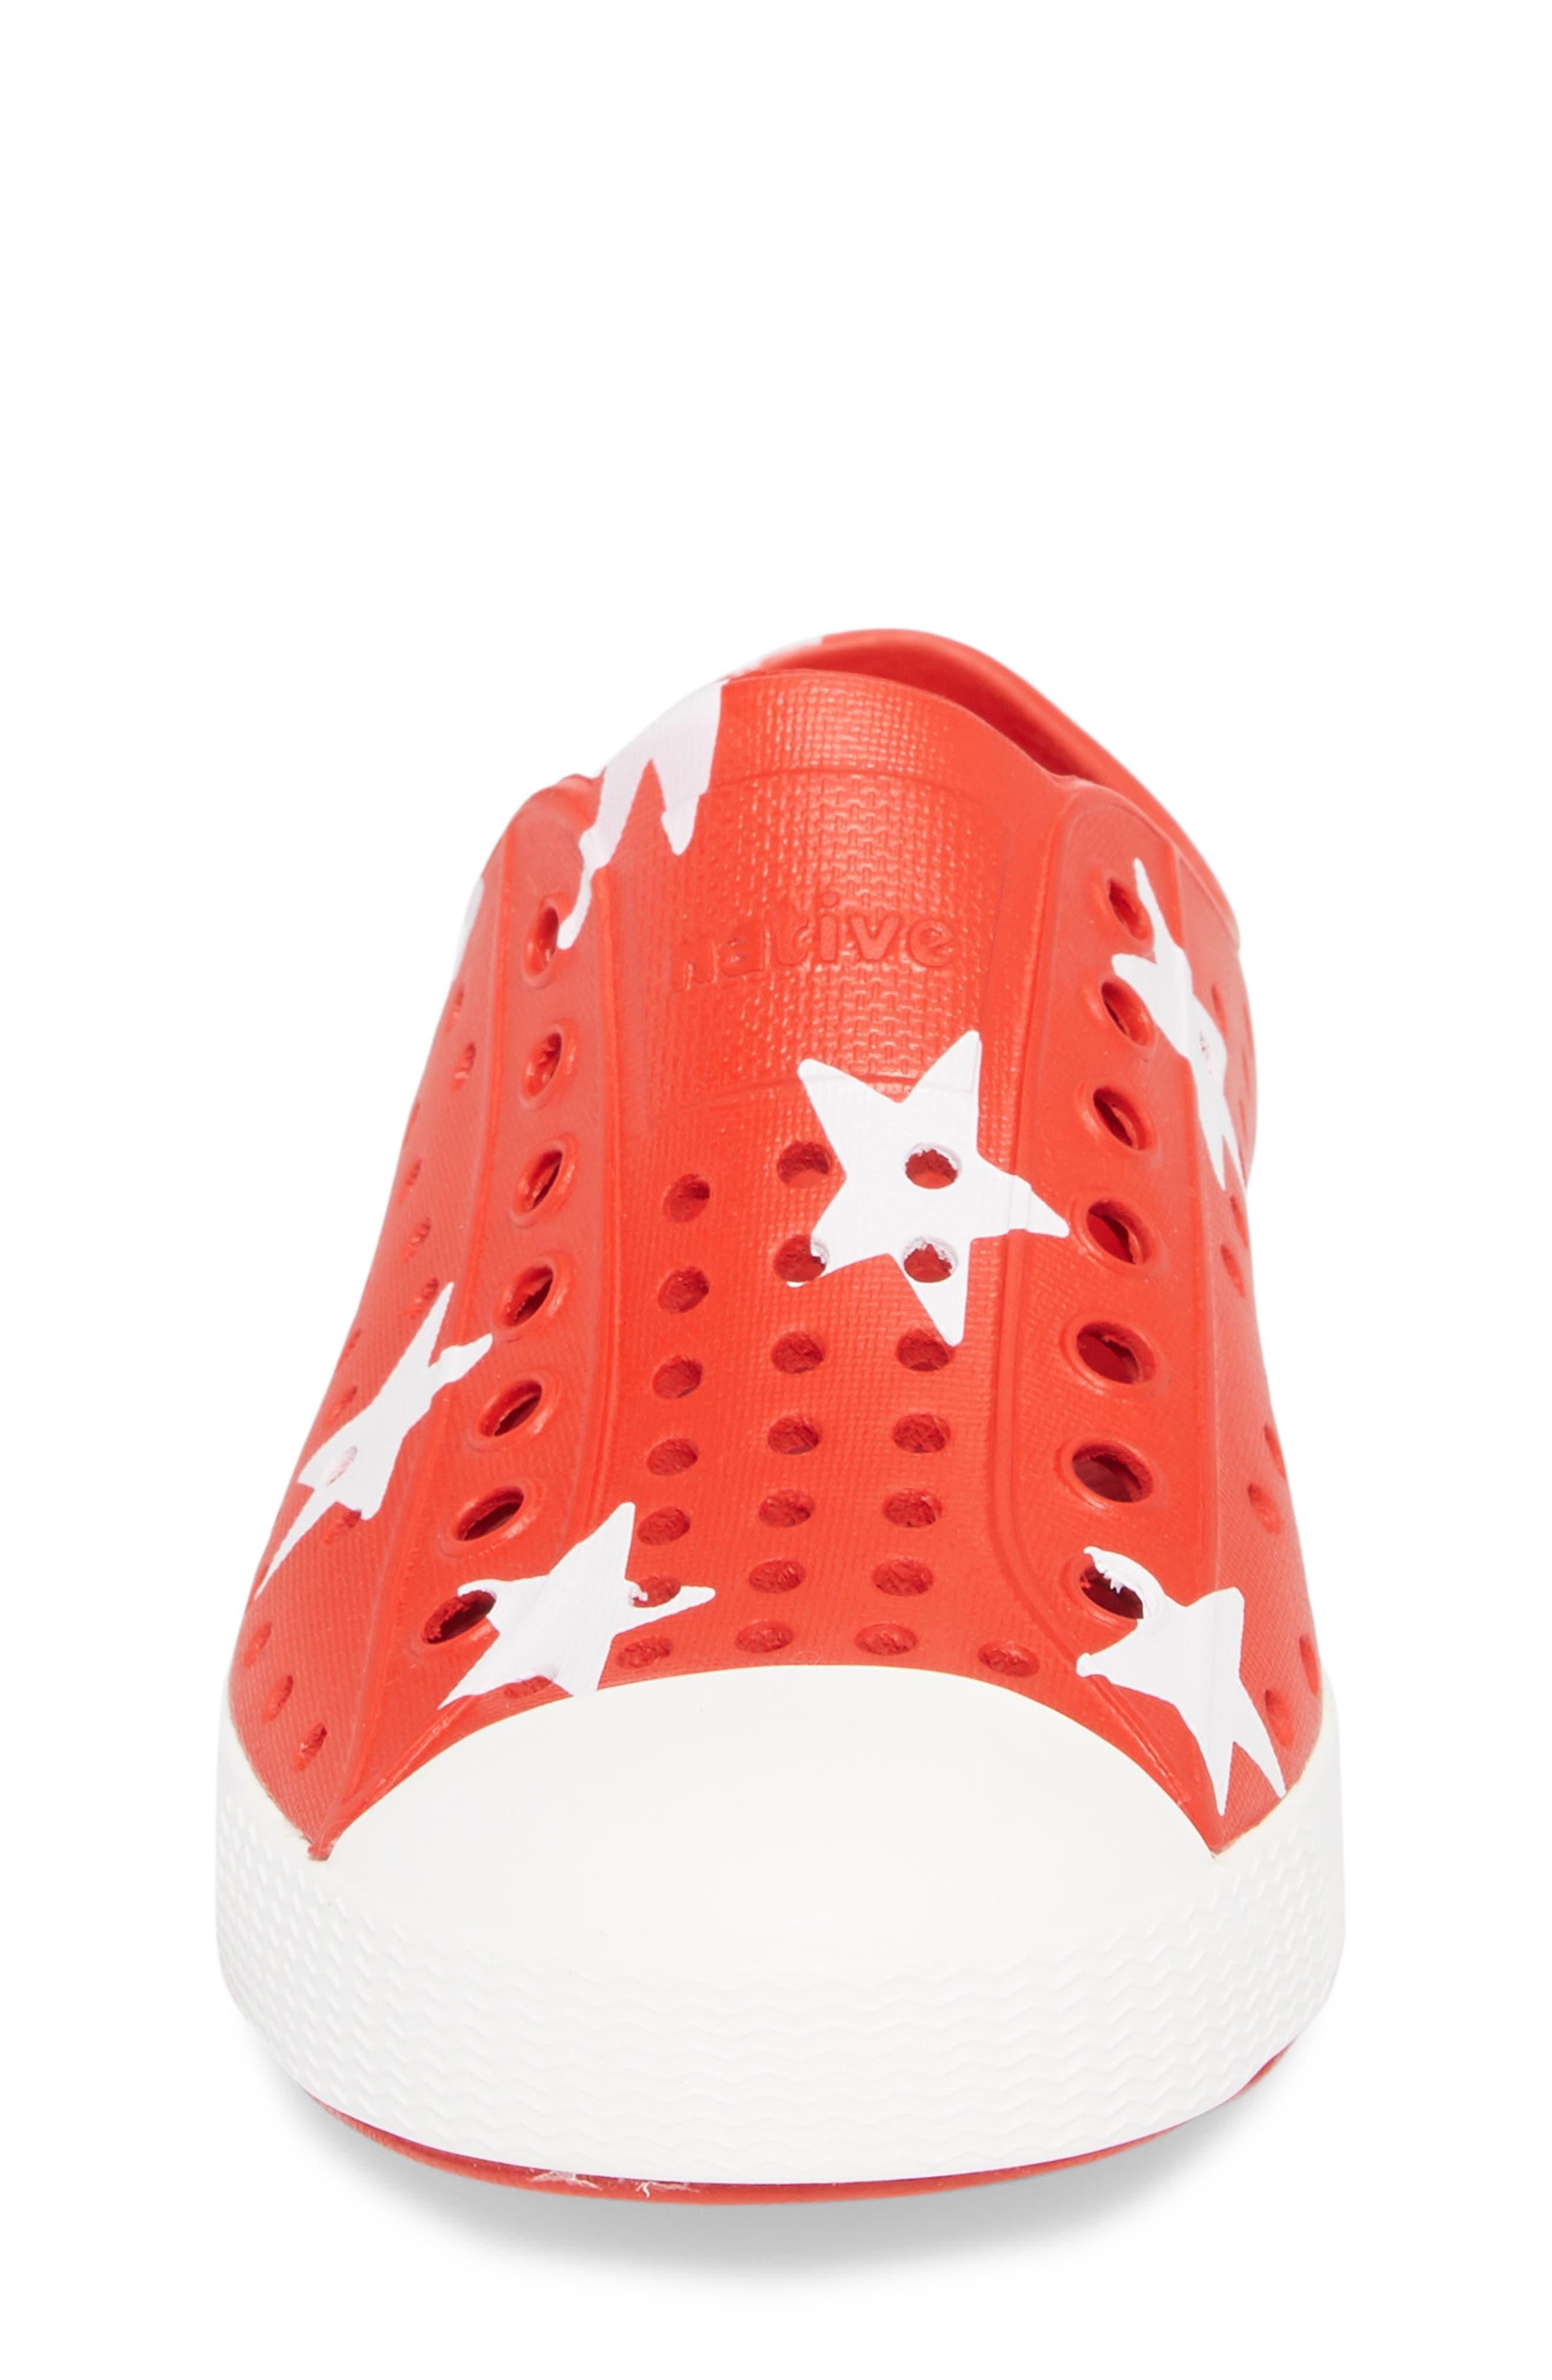 Jefferson Quartz Slip-On Sneaker,                             Alternate thumbnail 4, color,                             TORCH RED/ BONE WHITE/ STAR